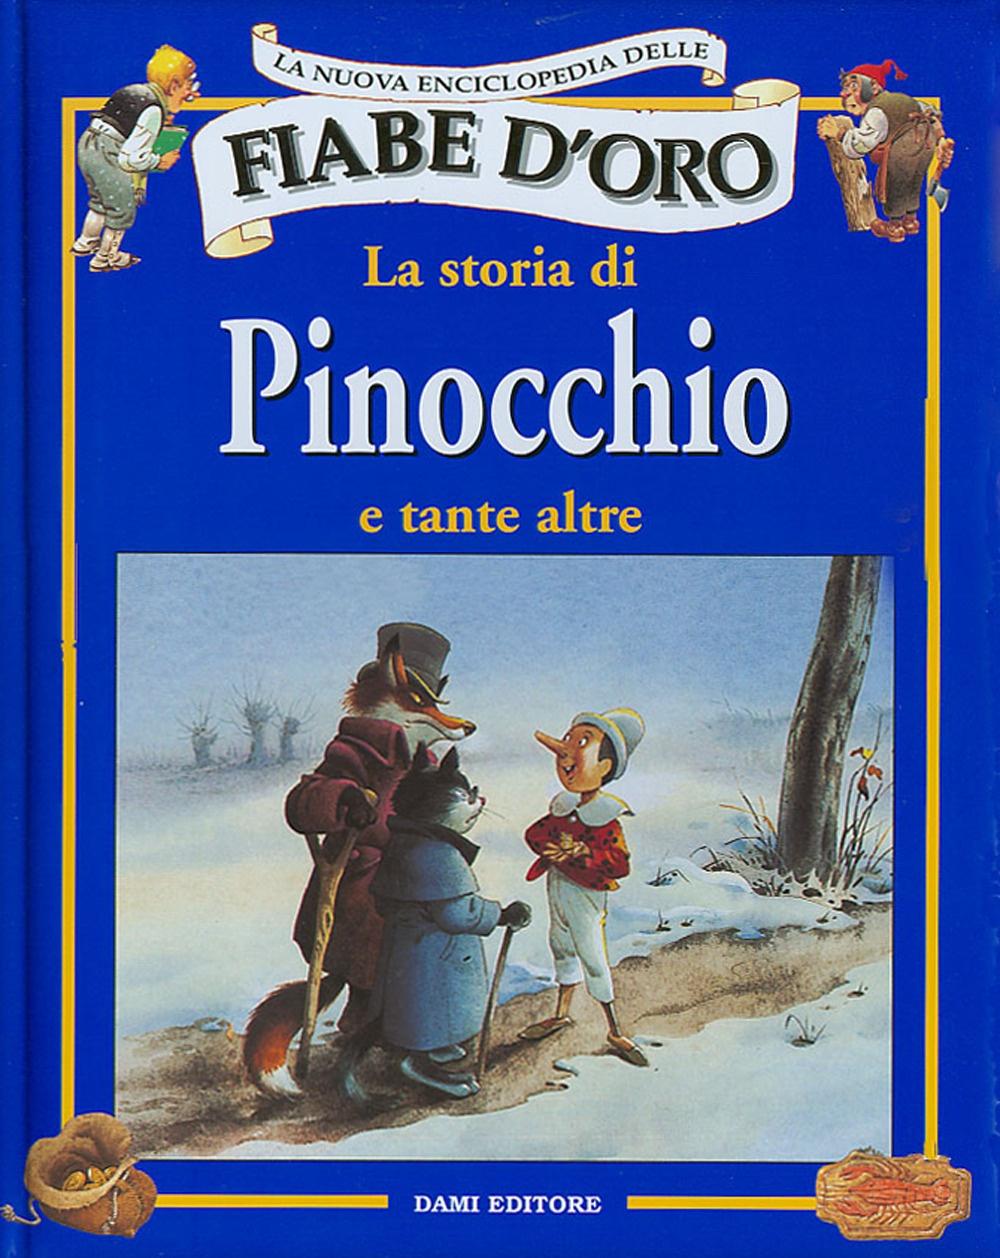 La storia di Pinocchio e tante altre